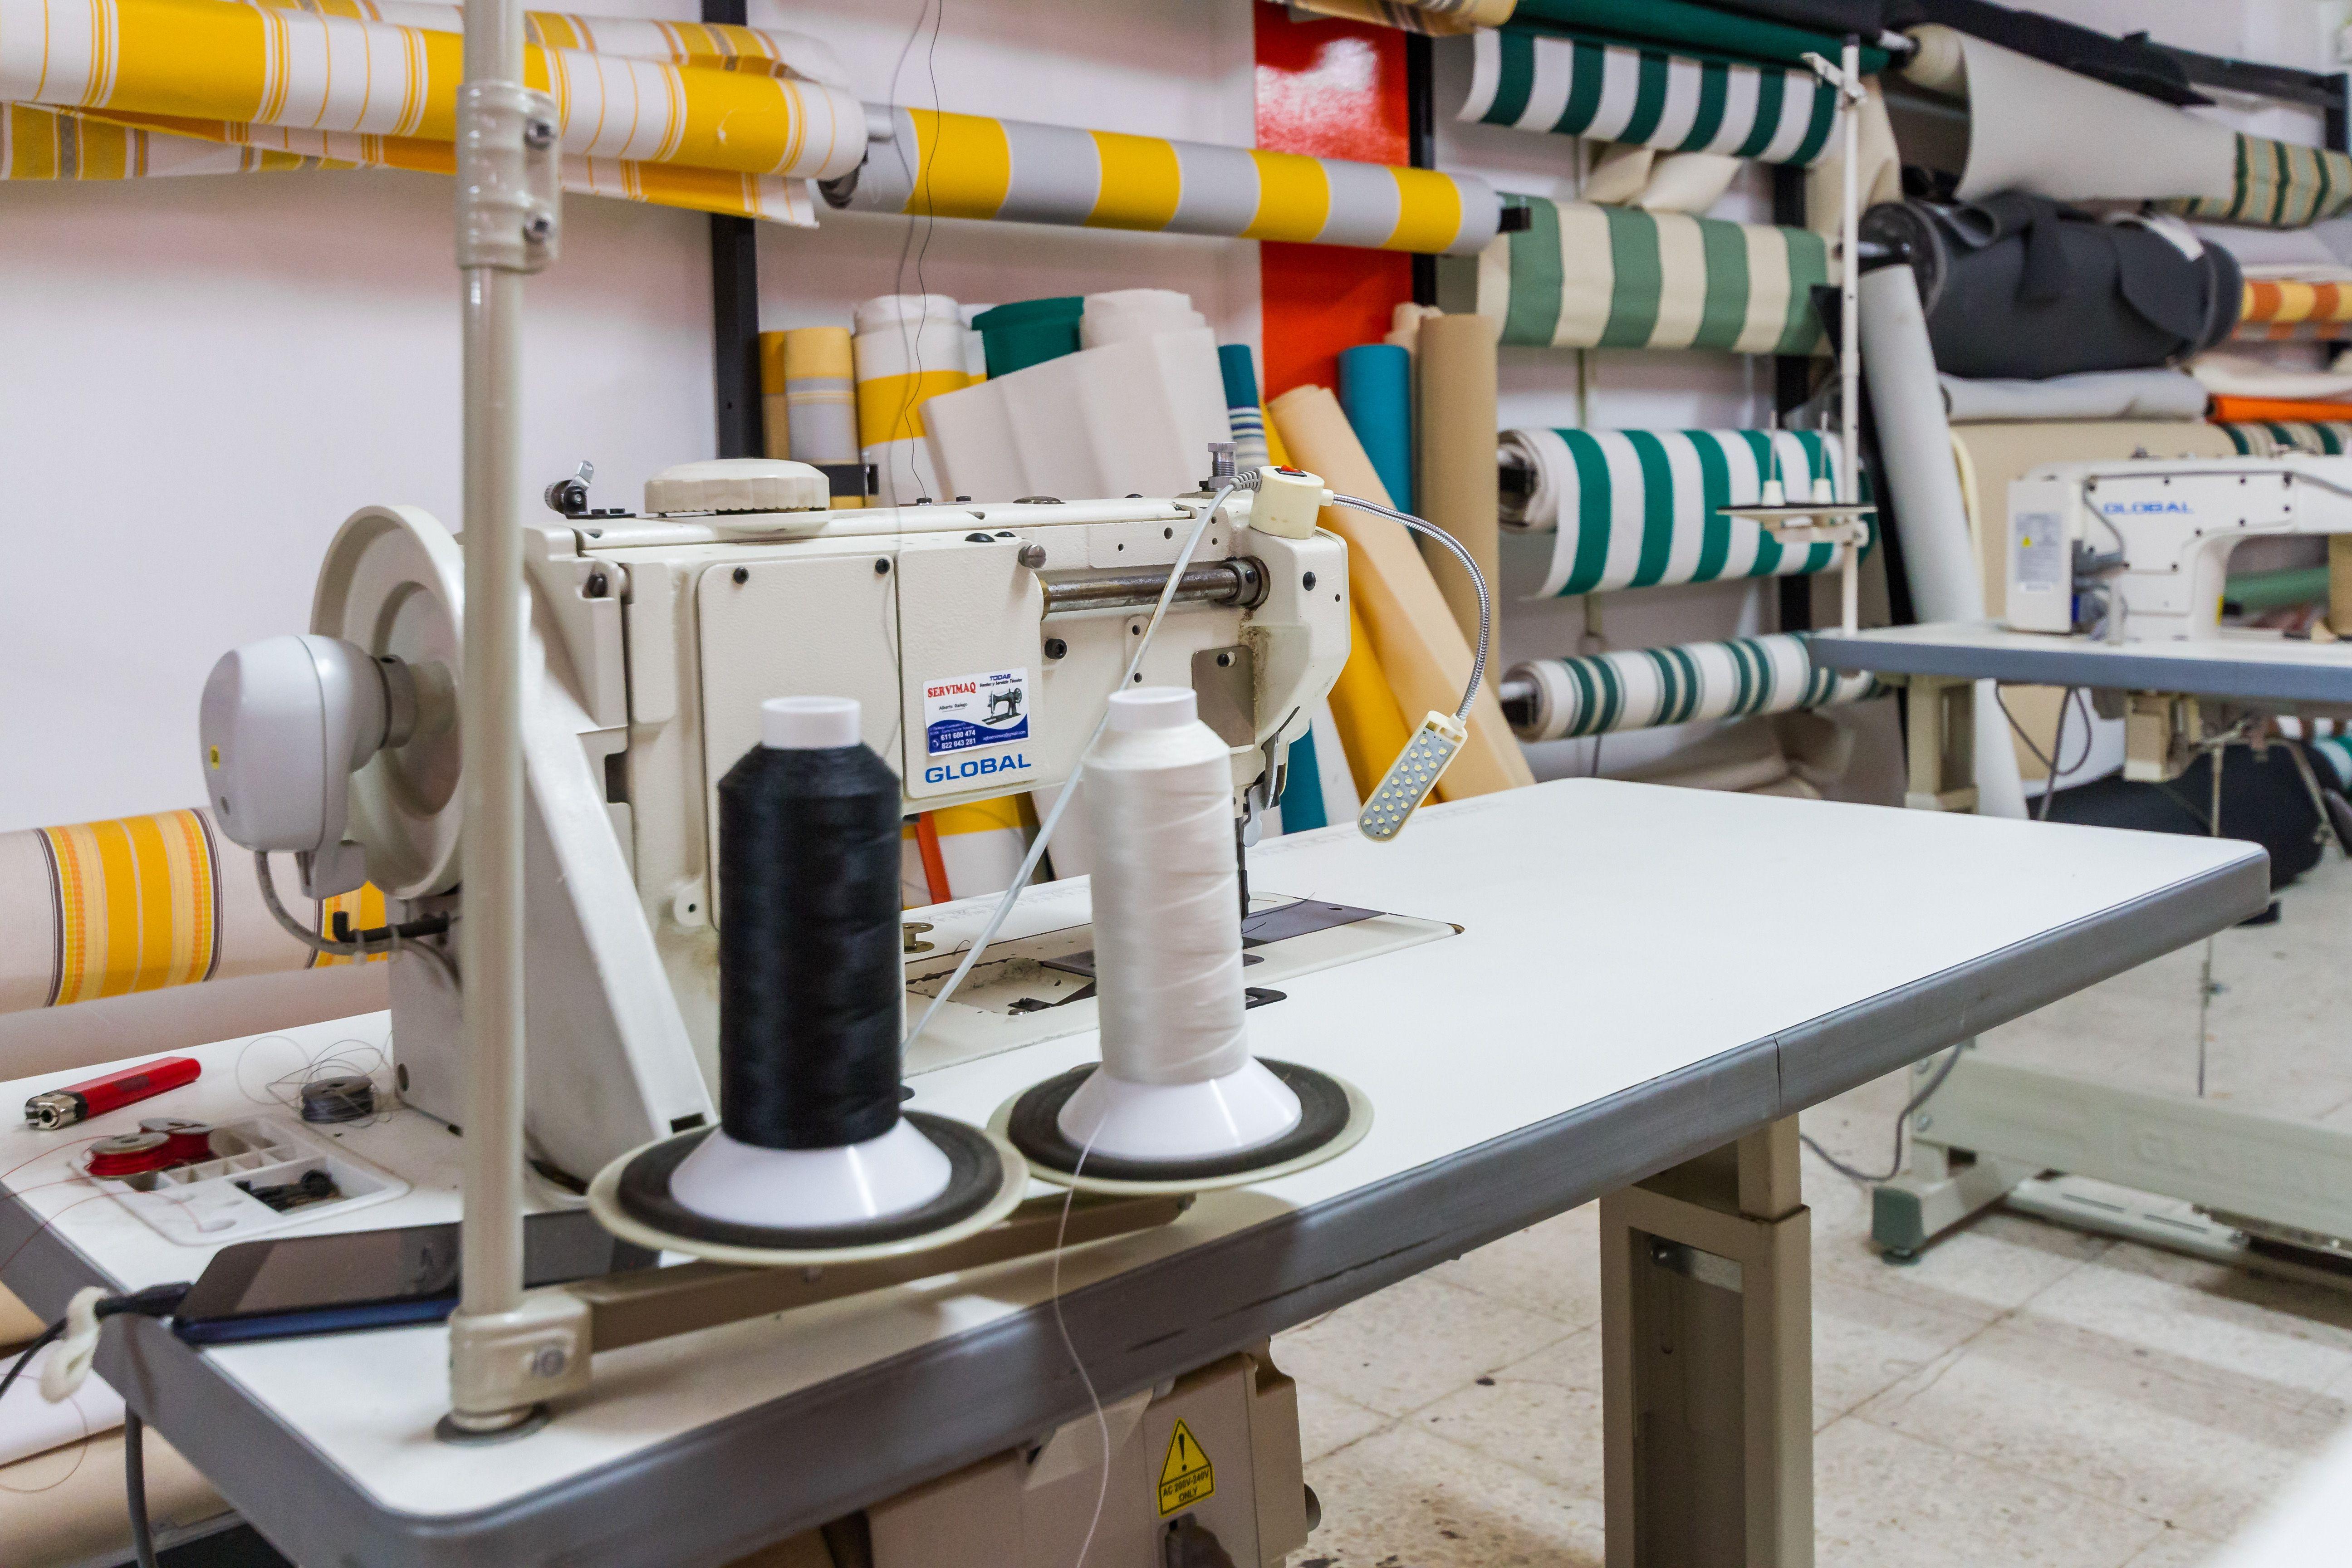 Máquina de coser industrial La Bigornia Tapicería